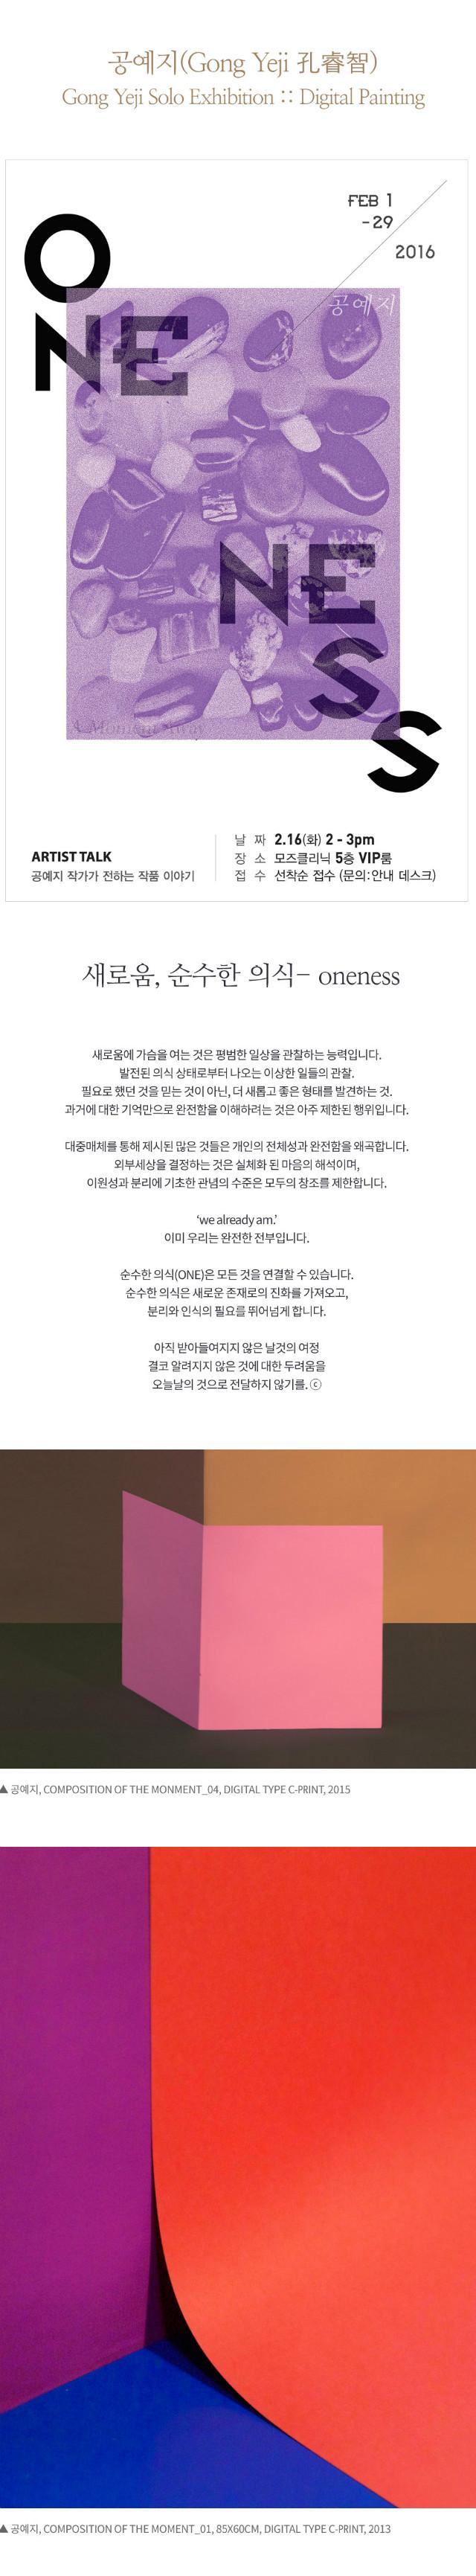 ONENESS_공예지개인전_모즈아트갤러리